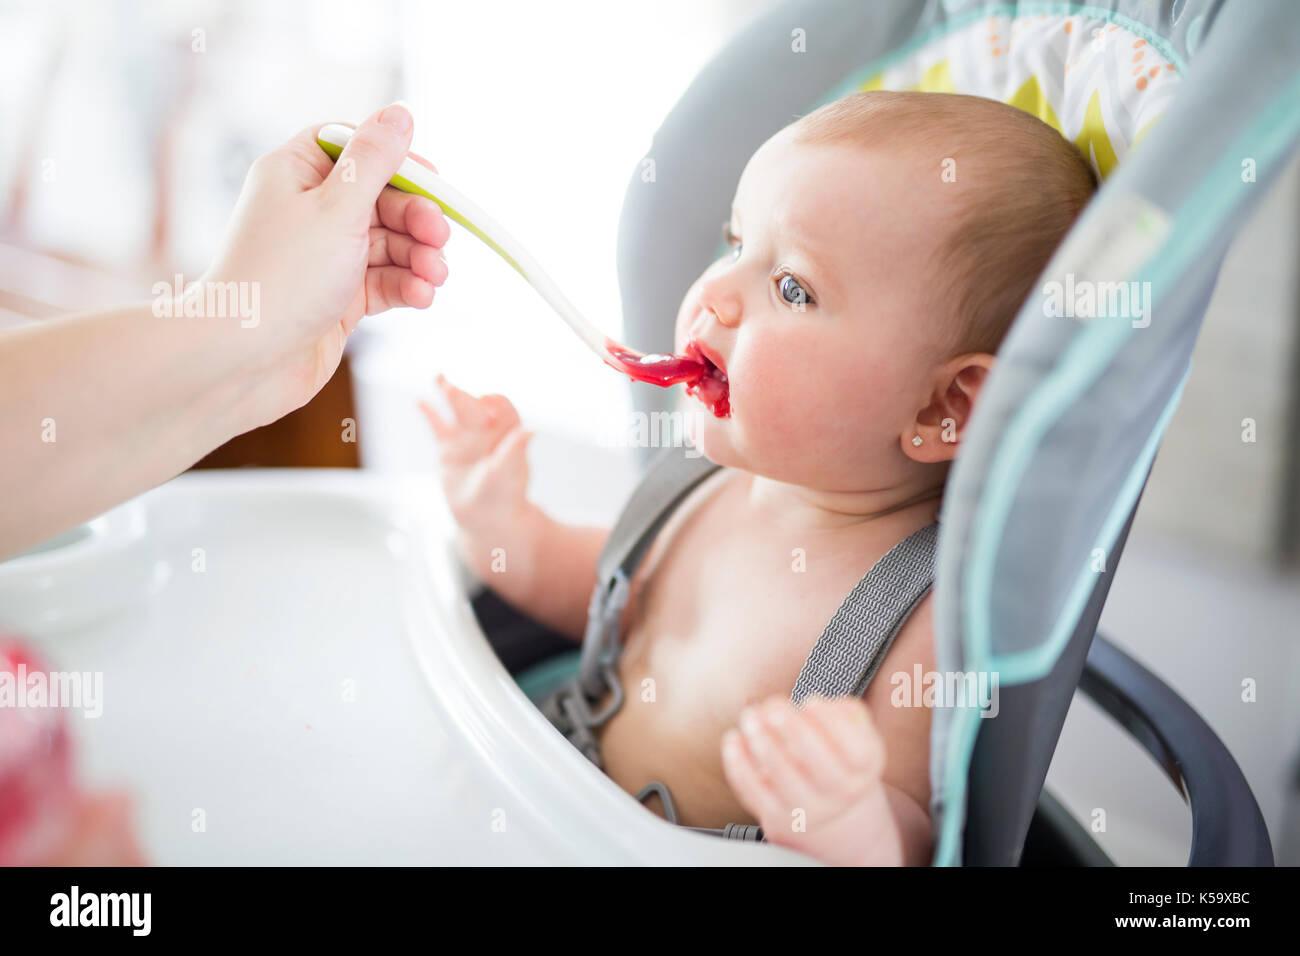 Alimentazione madre bambina in sedia alta Immagini Stock